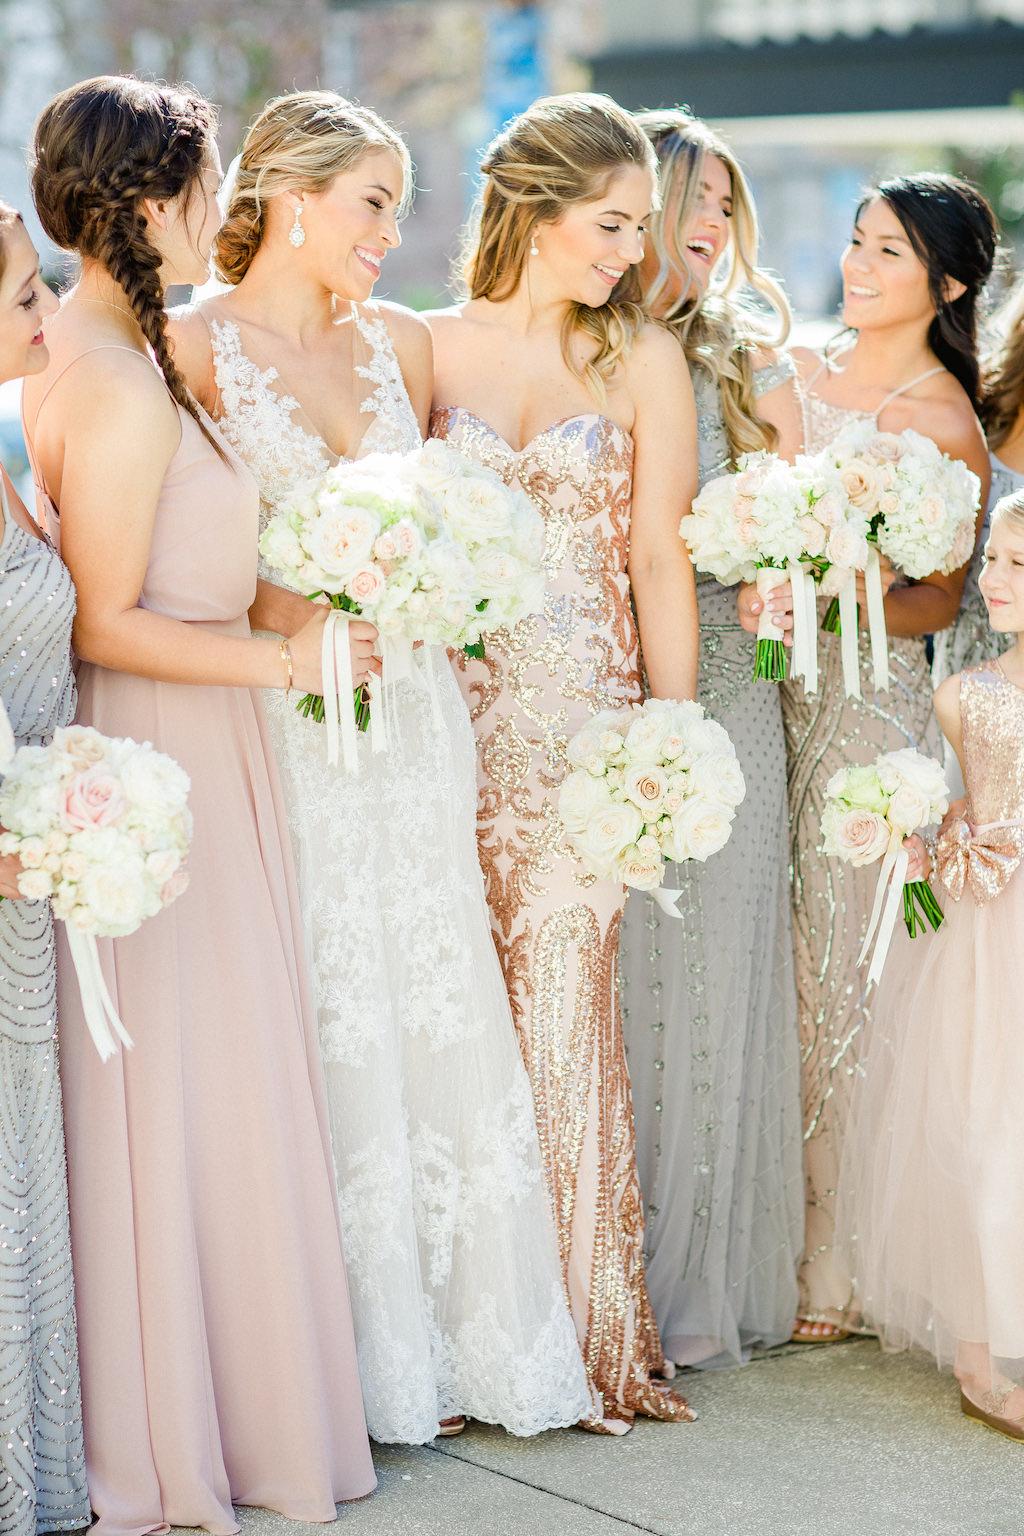 Tampa Bay Outdoor Bride And Bridesmaids Bridal Party Wedding